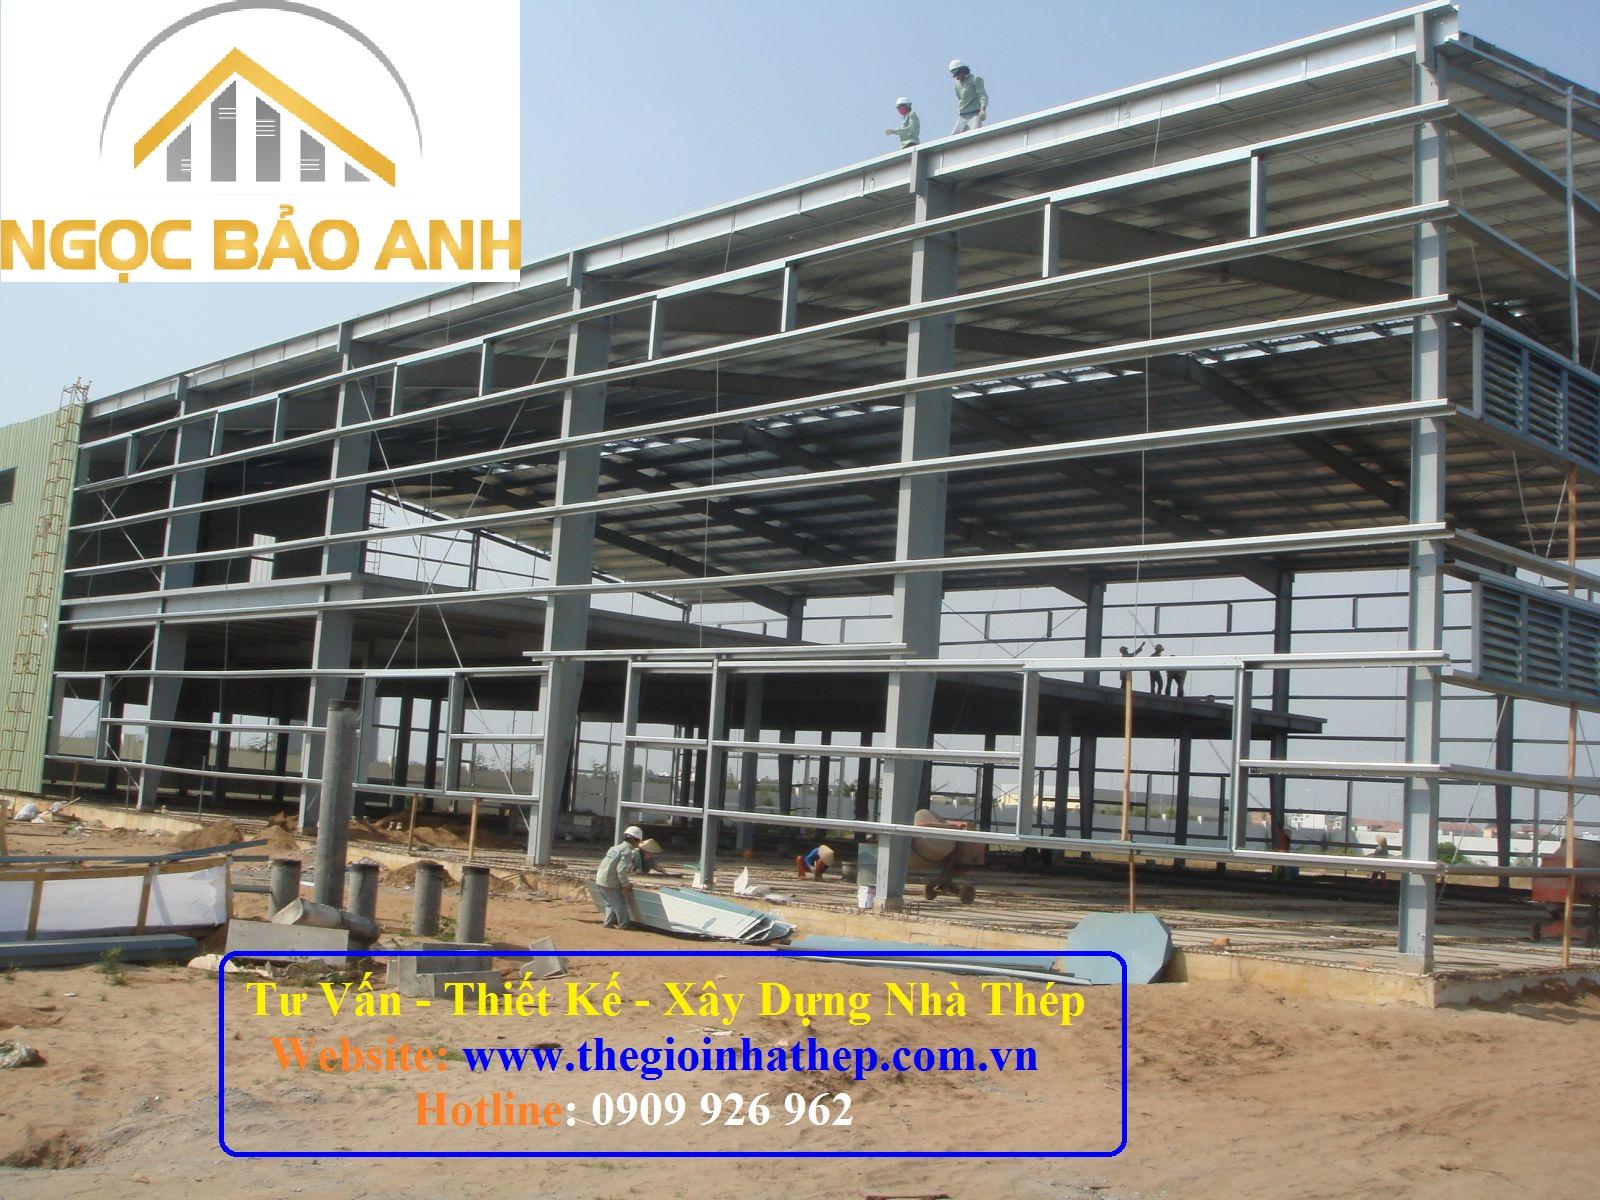 xây dựng nhà thép tại đà nẵng